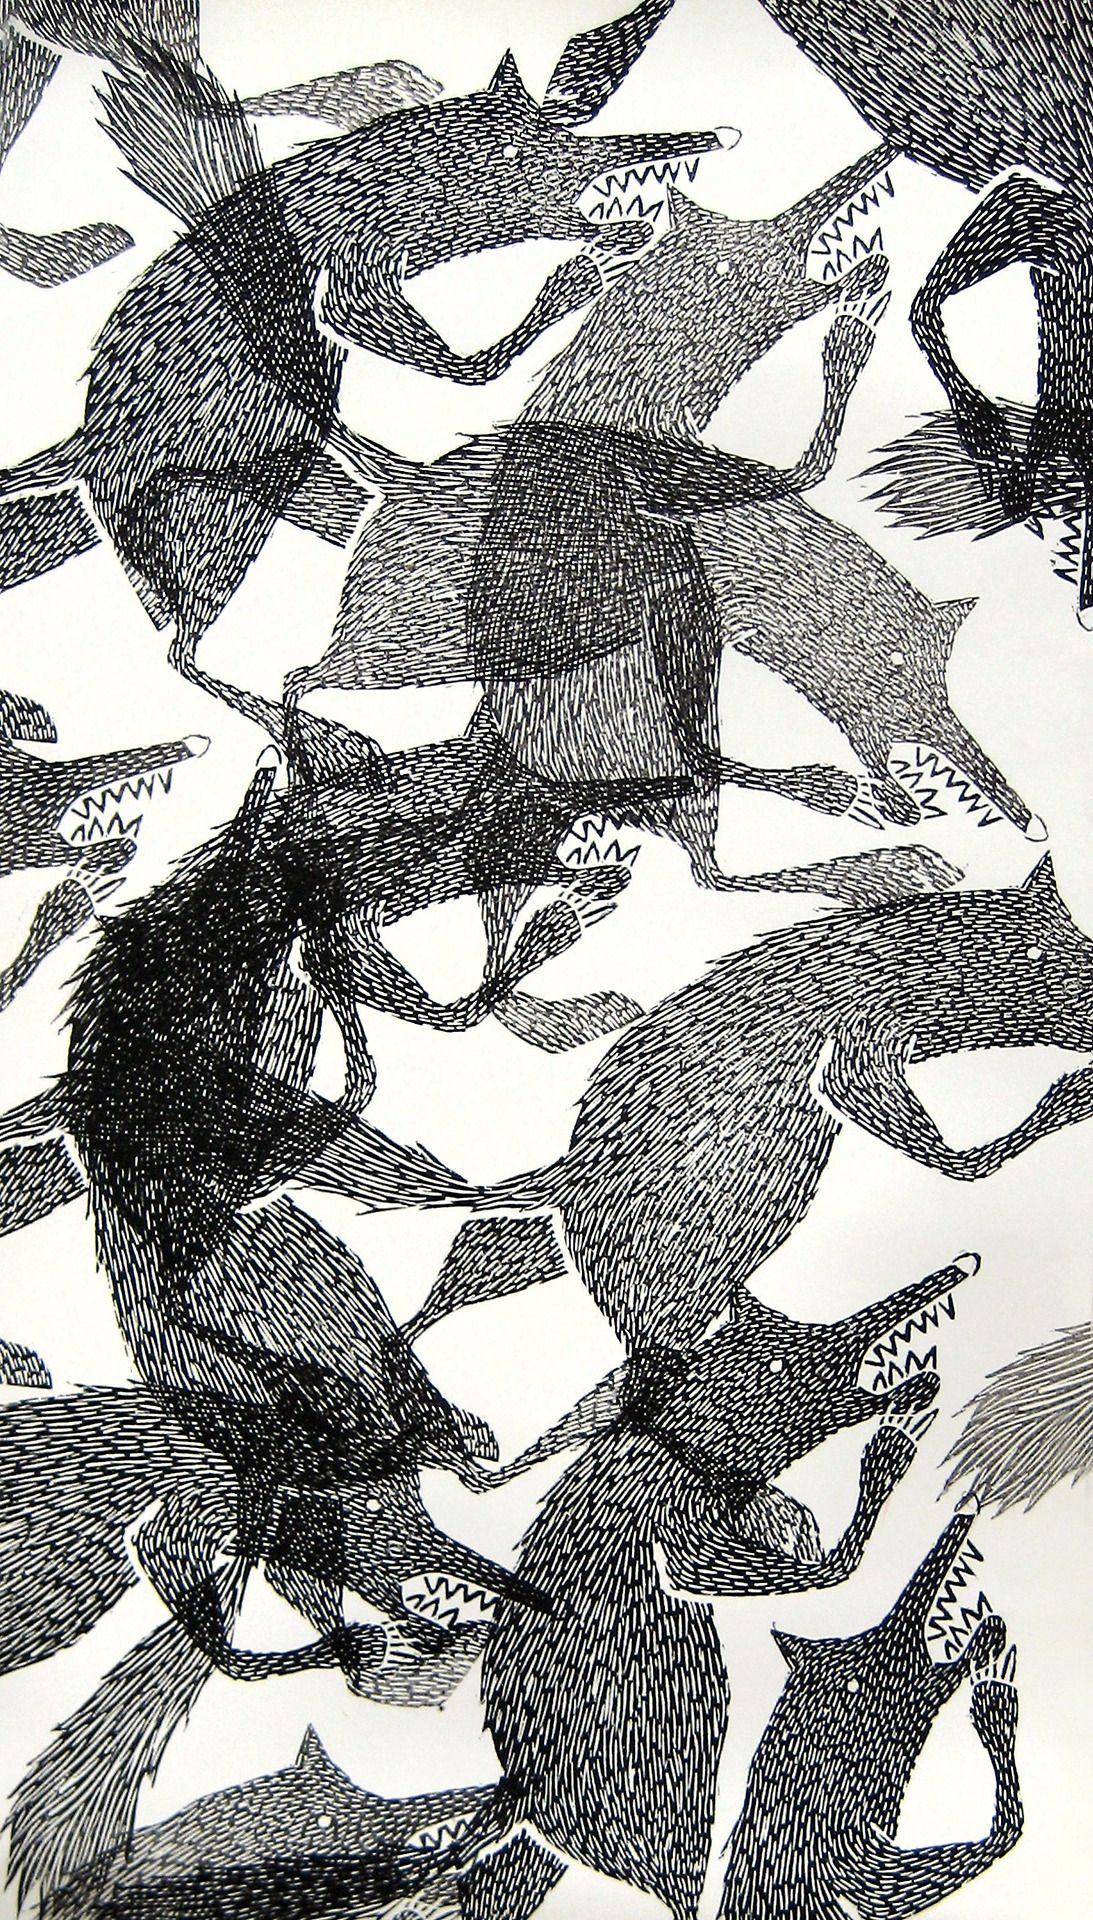 Illustrated wolf pattern // Lieke van der Vorst, Liekeland